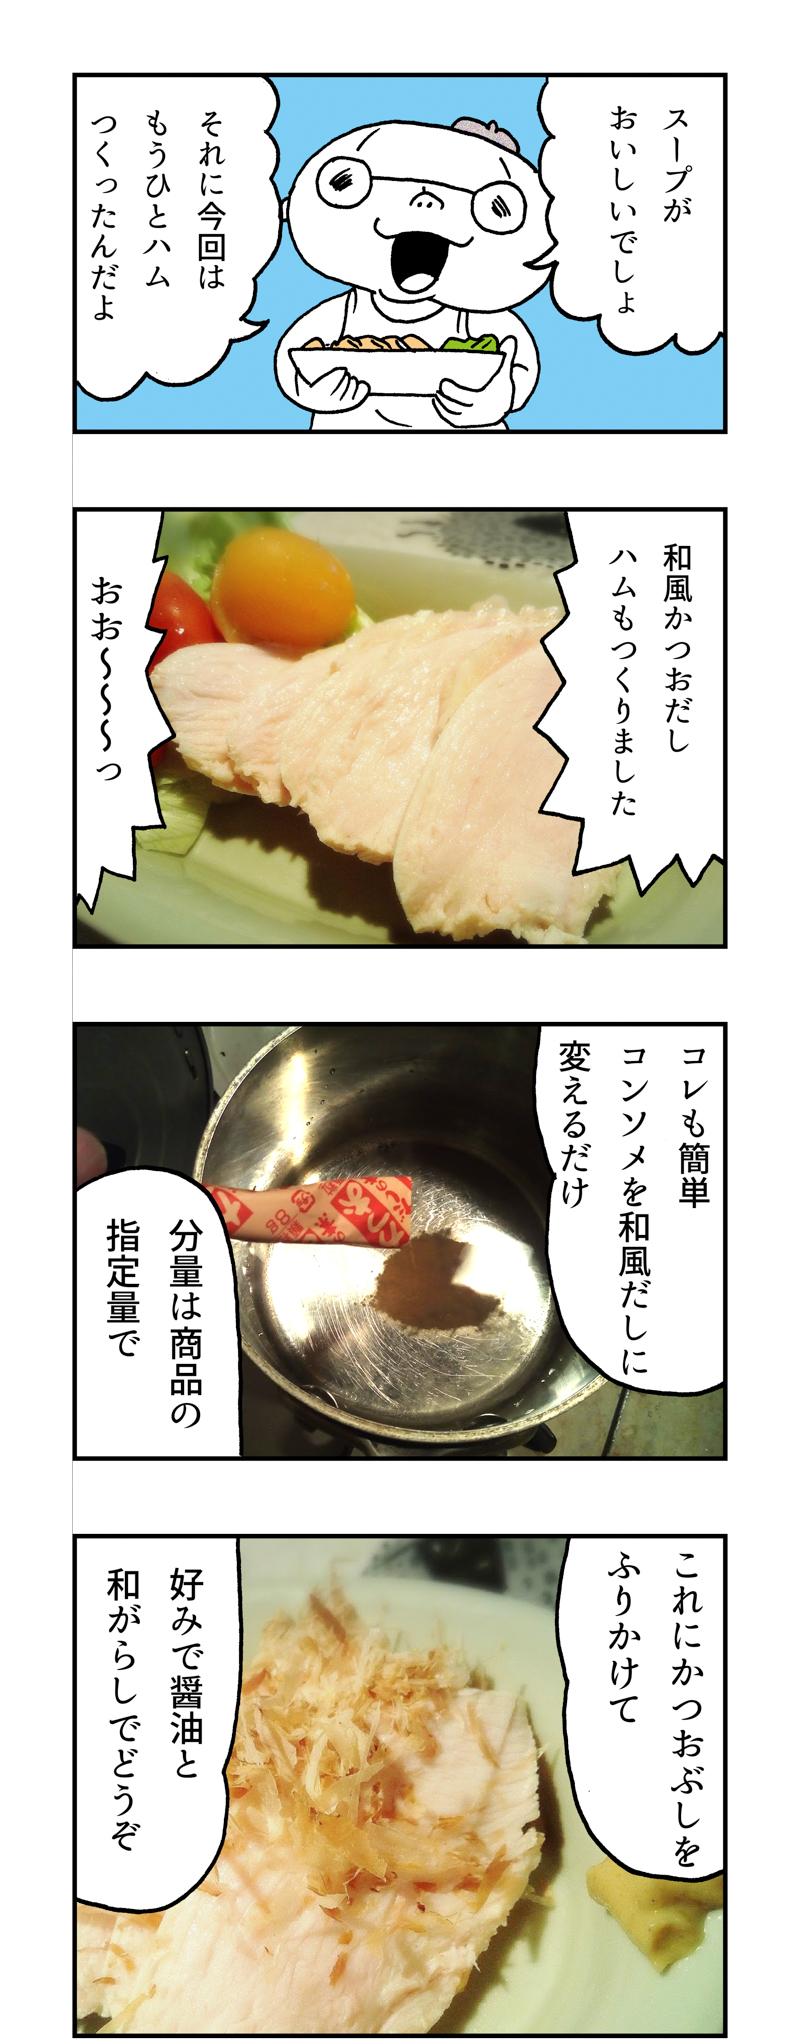 f:id:Meshi2_IB:20170830125728j:plain